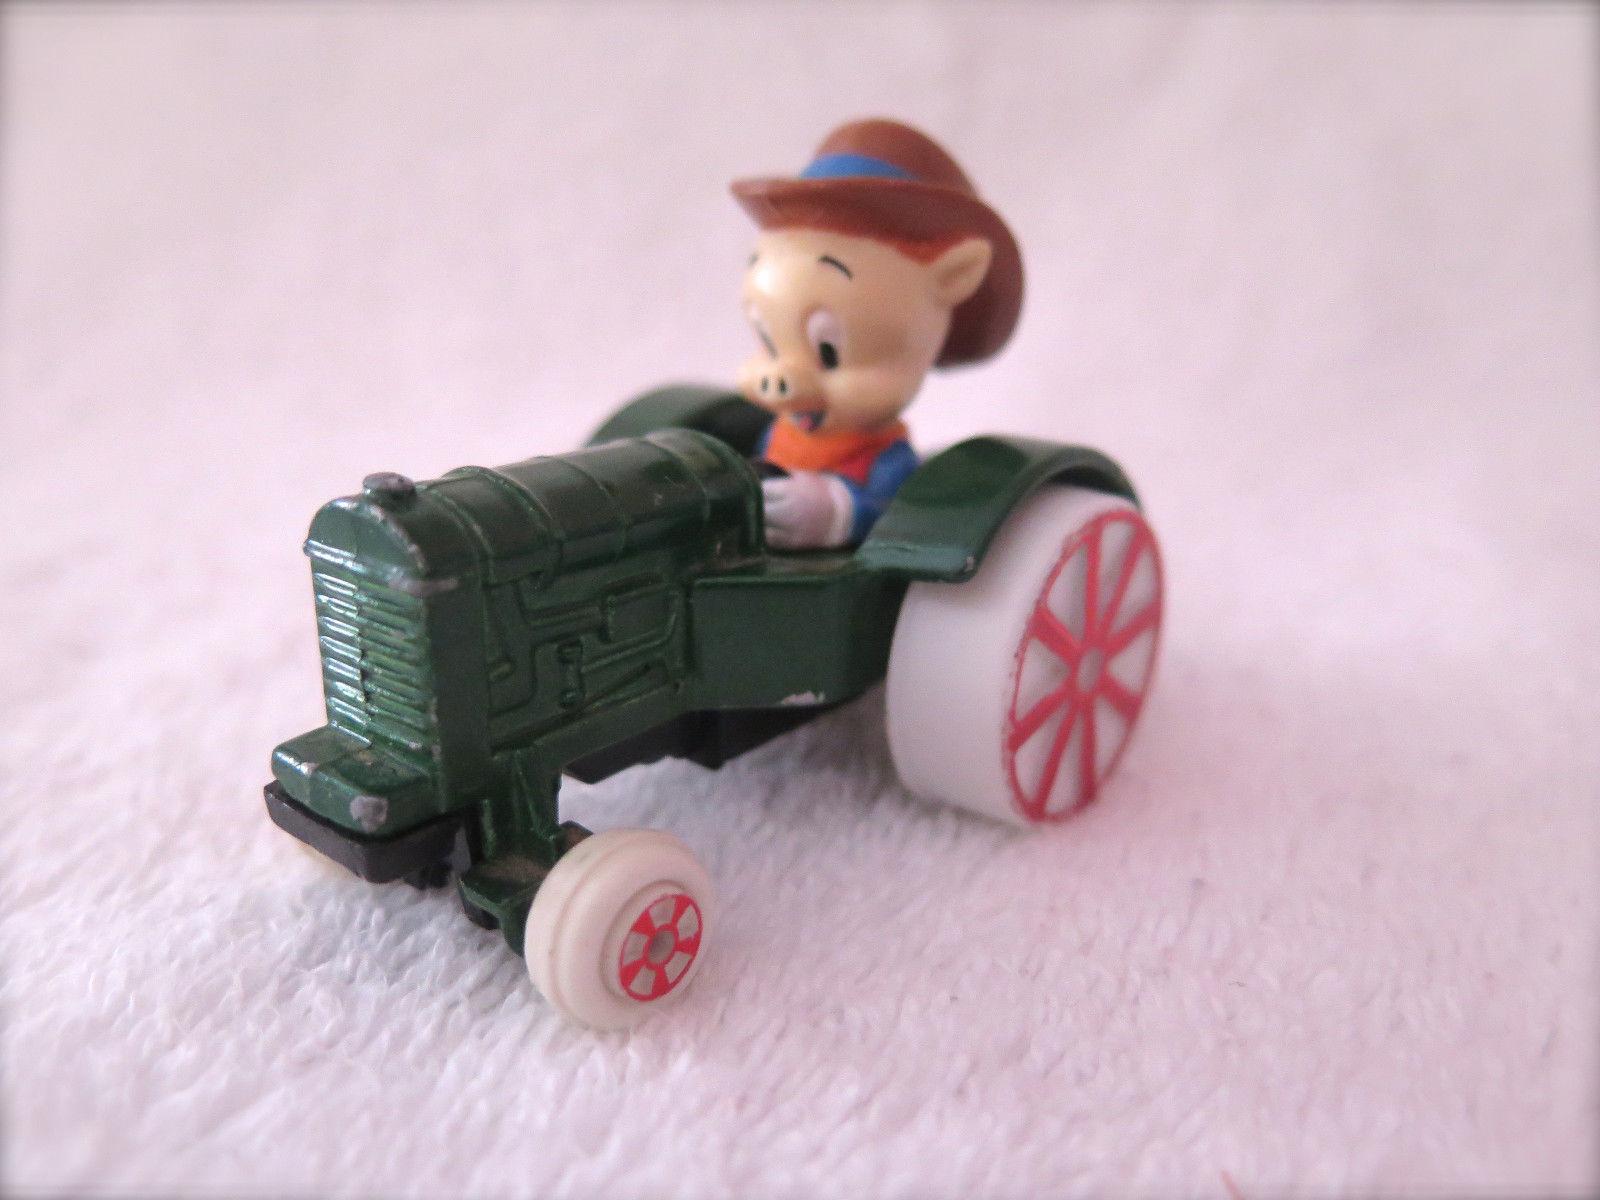 VINTAGE Looney tunes  ERTL Porky Pig in Car Toy, 1988, Warner Brothers